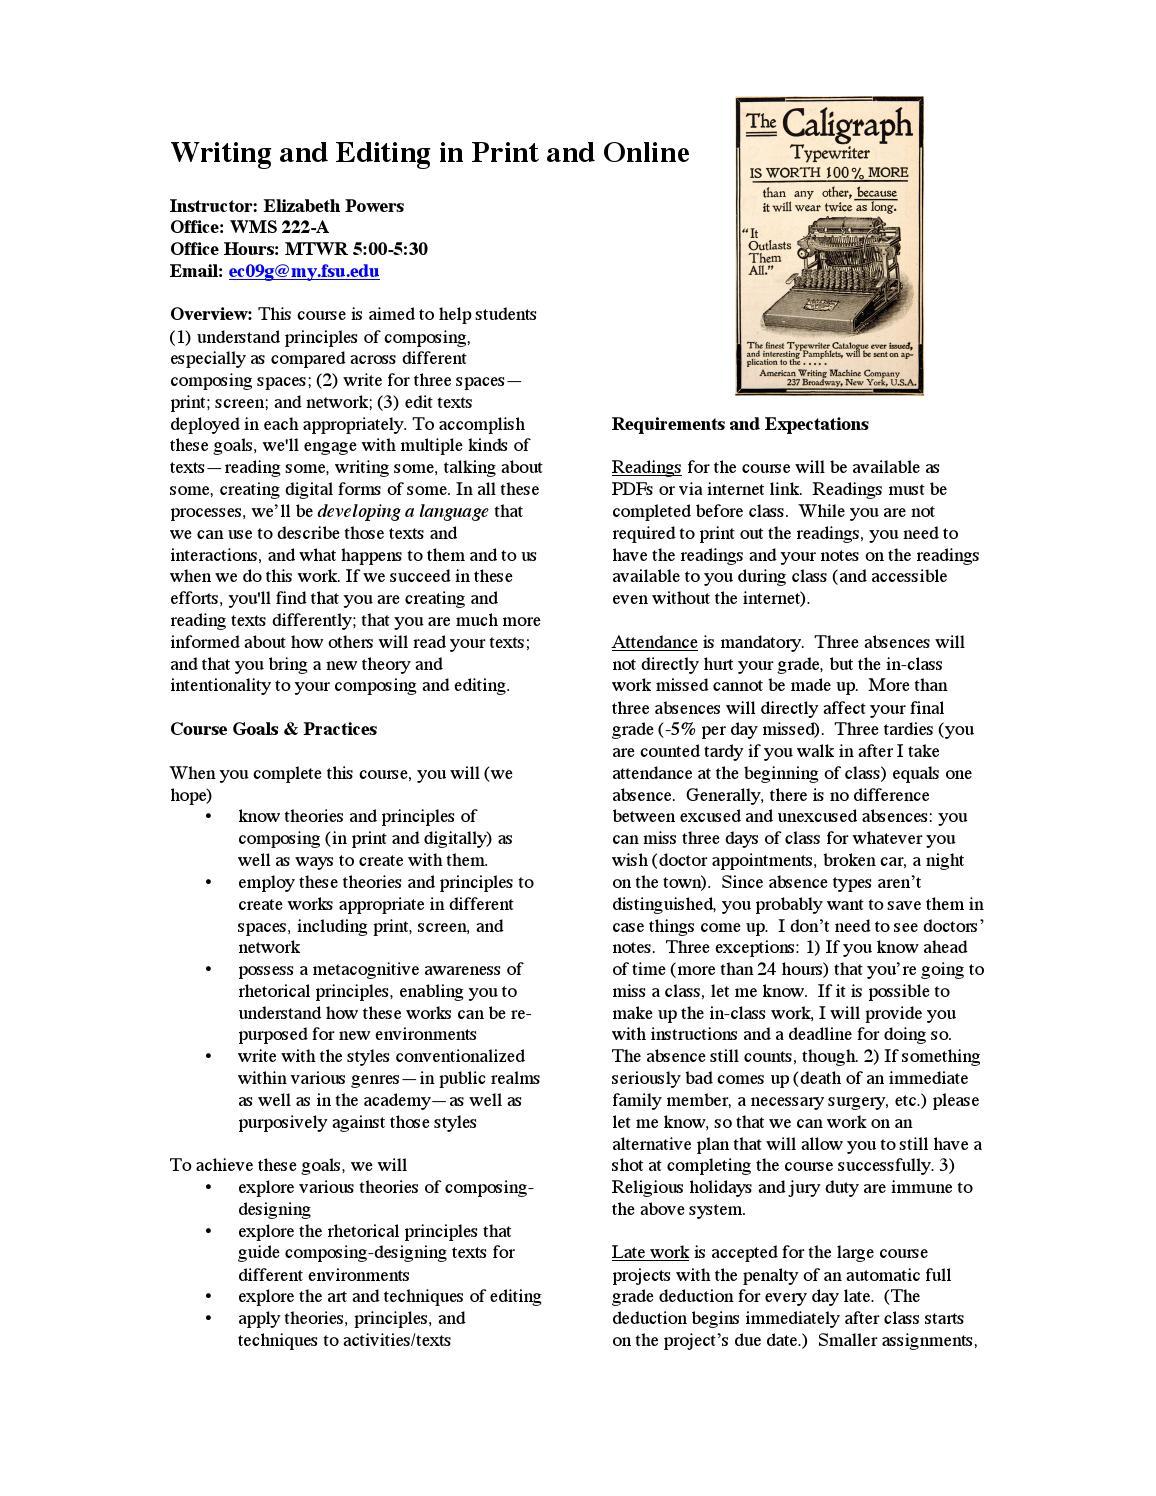 Wepo syllabus by Elizabeth Powers - issuu